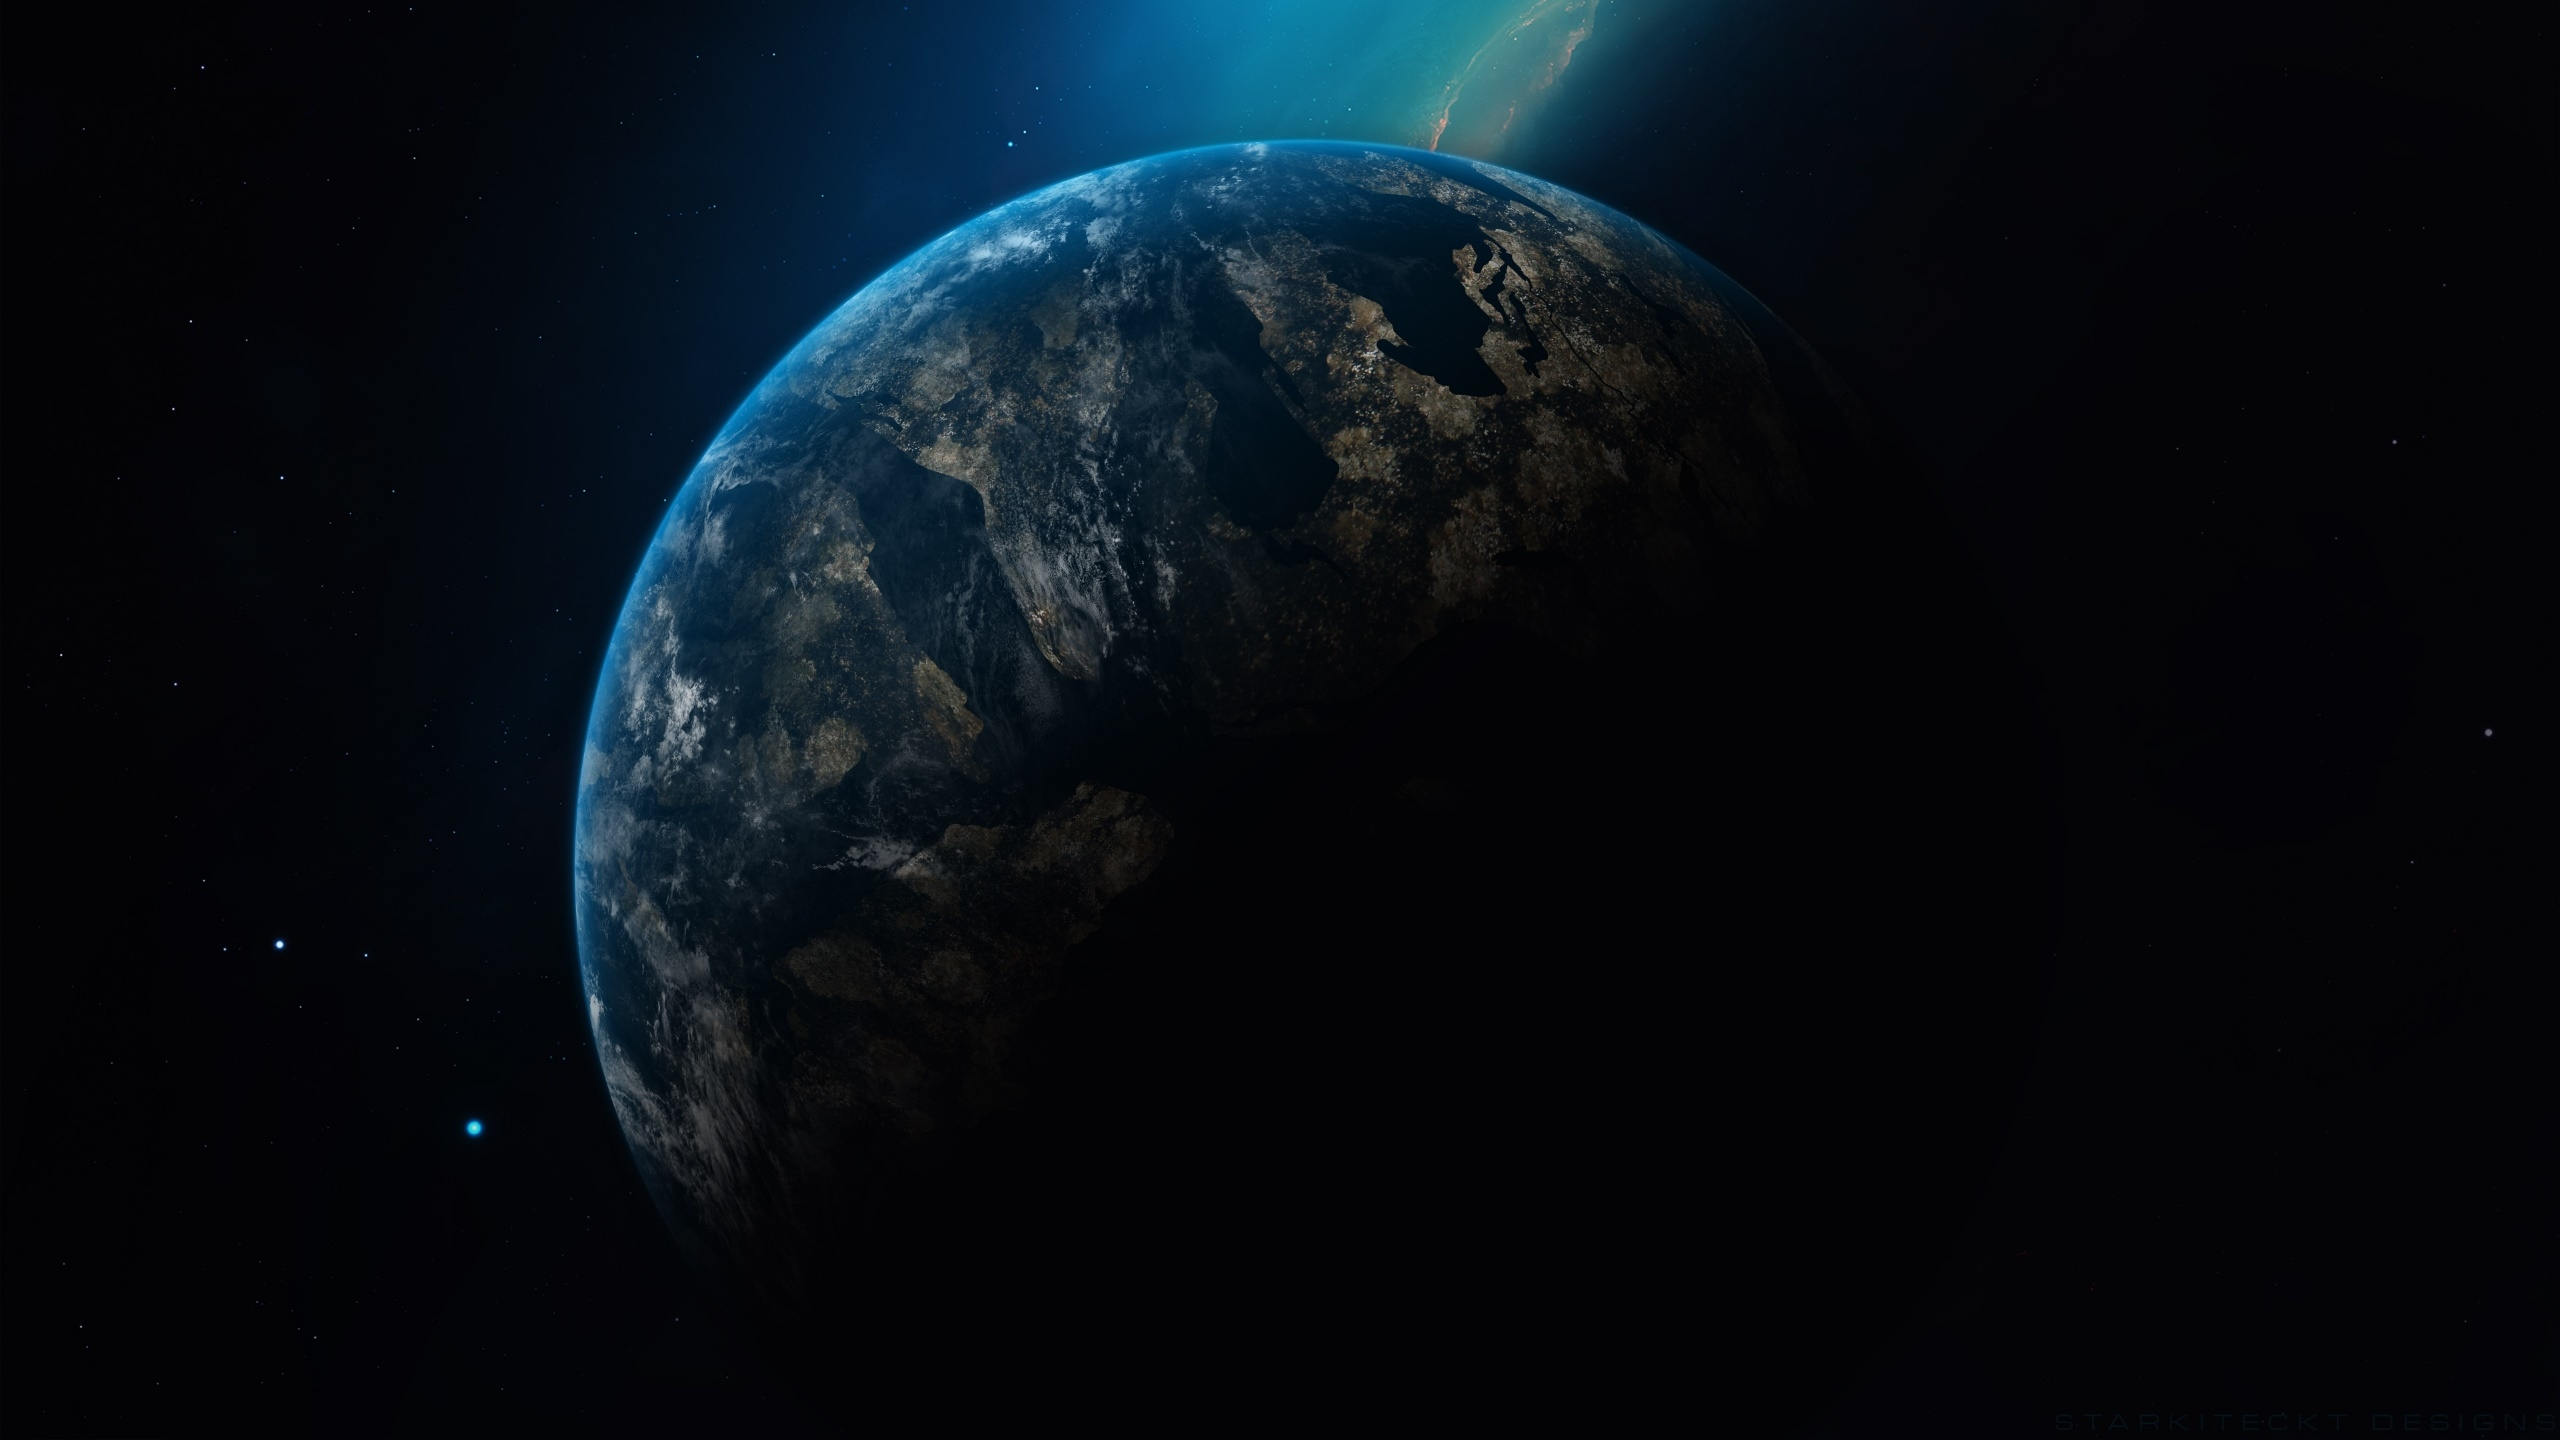 Planet Earth in Dark Universe Wallpaper, HD Space 4K ...